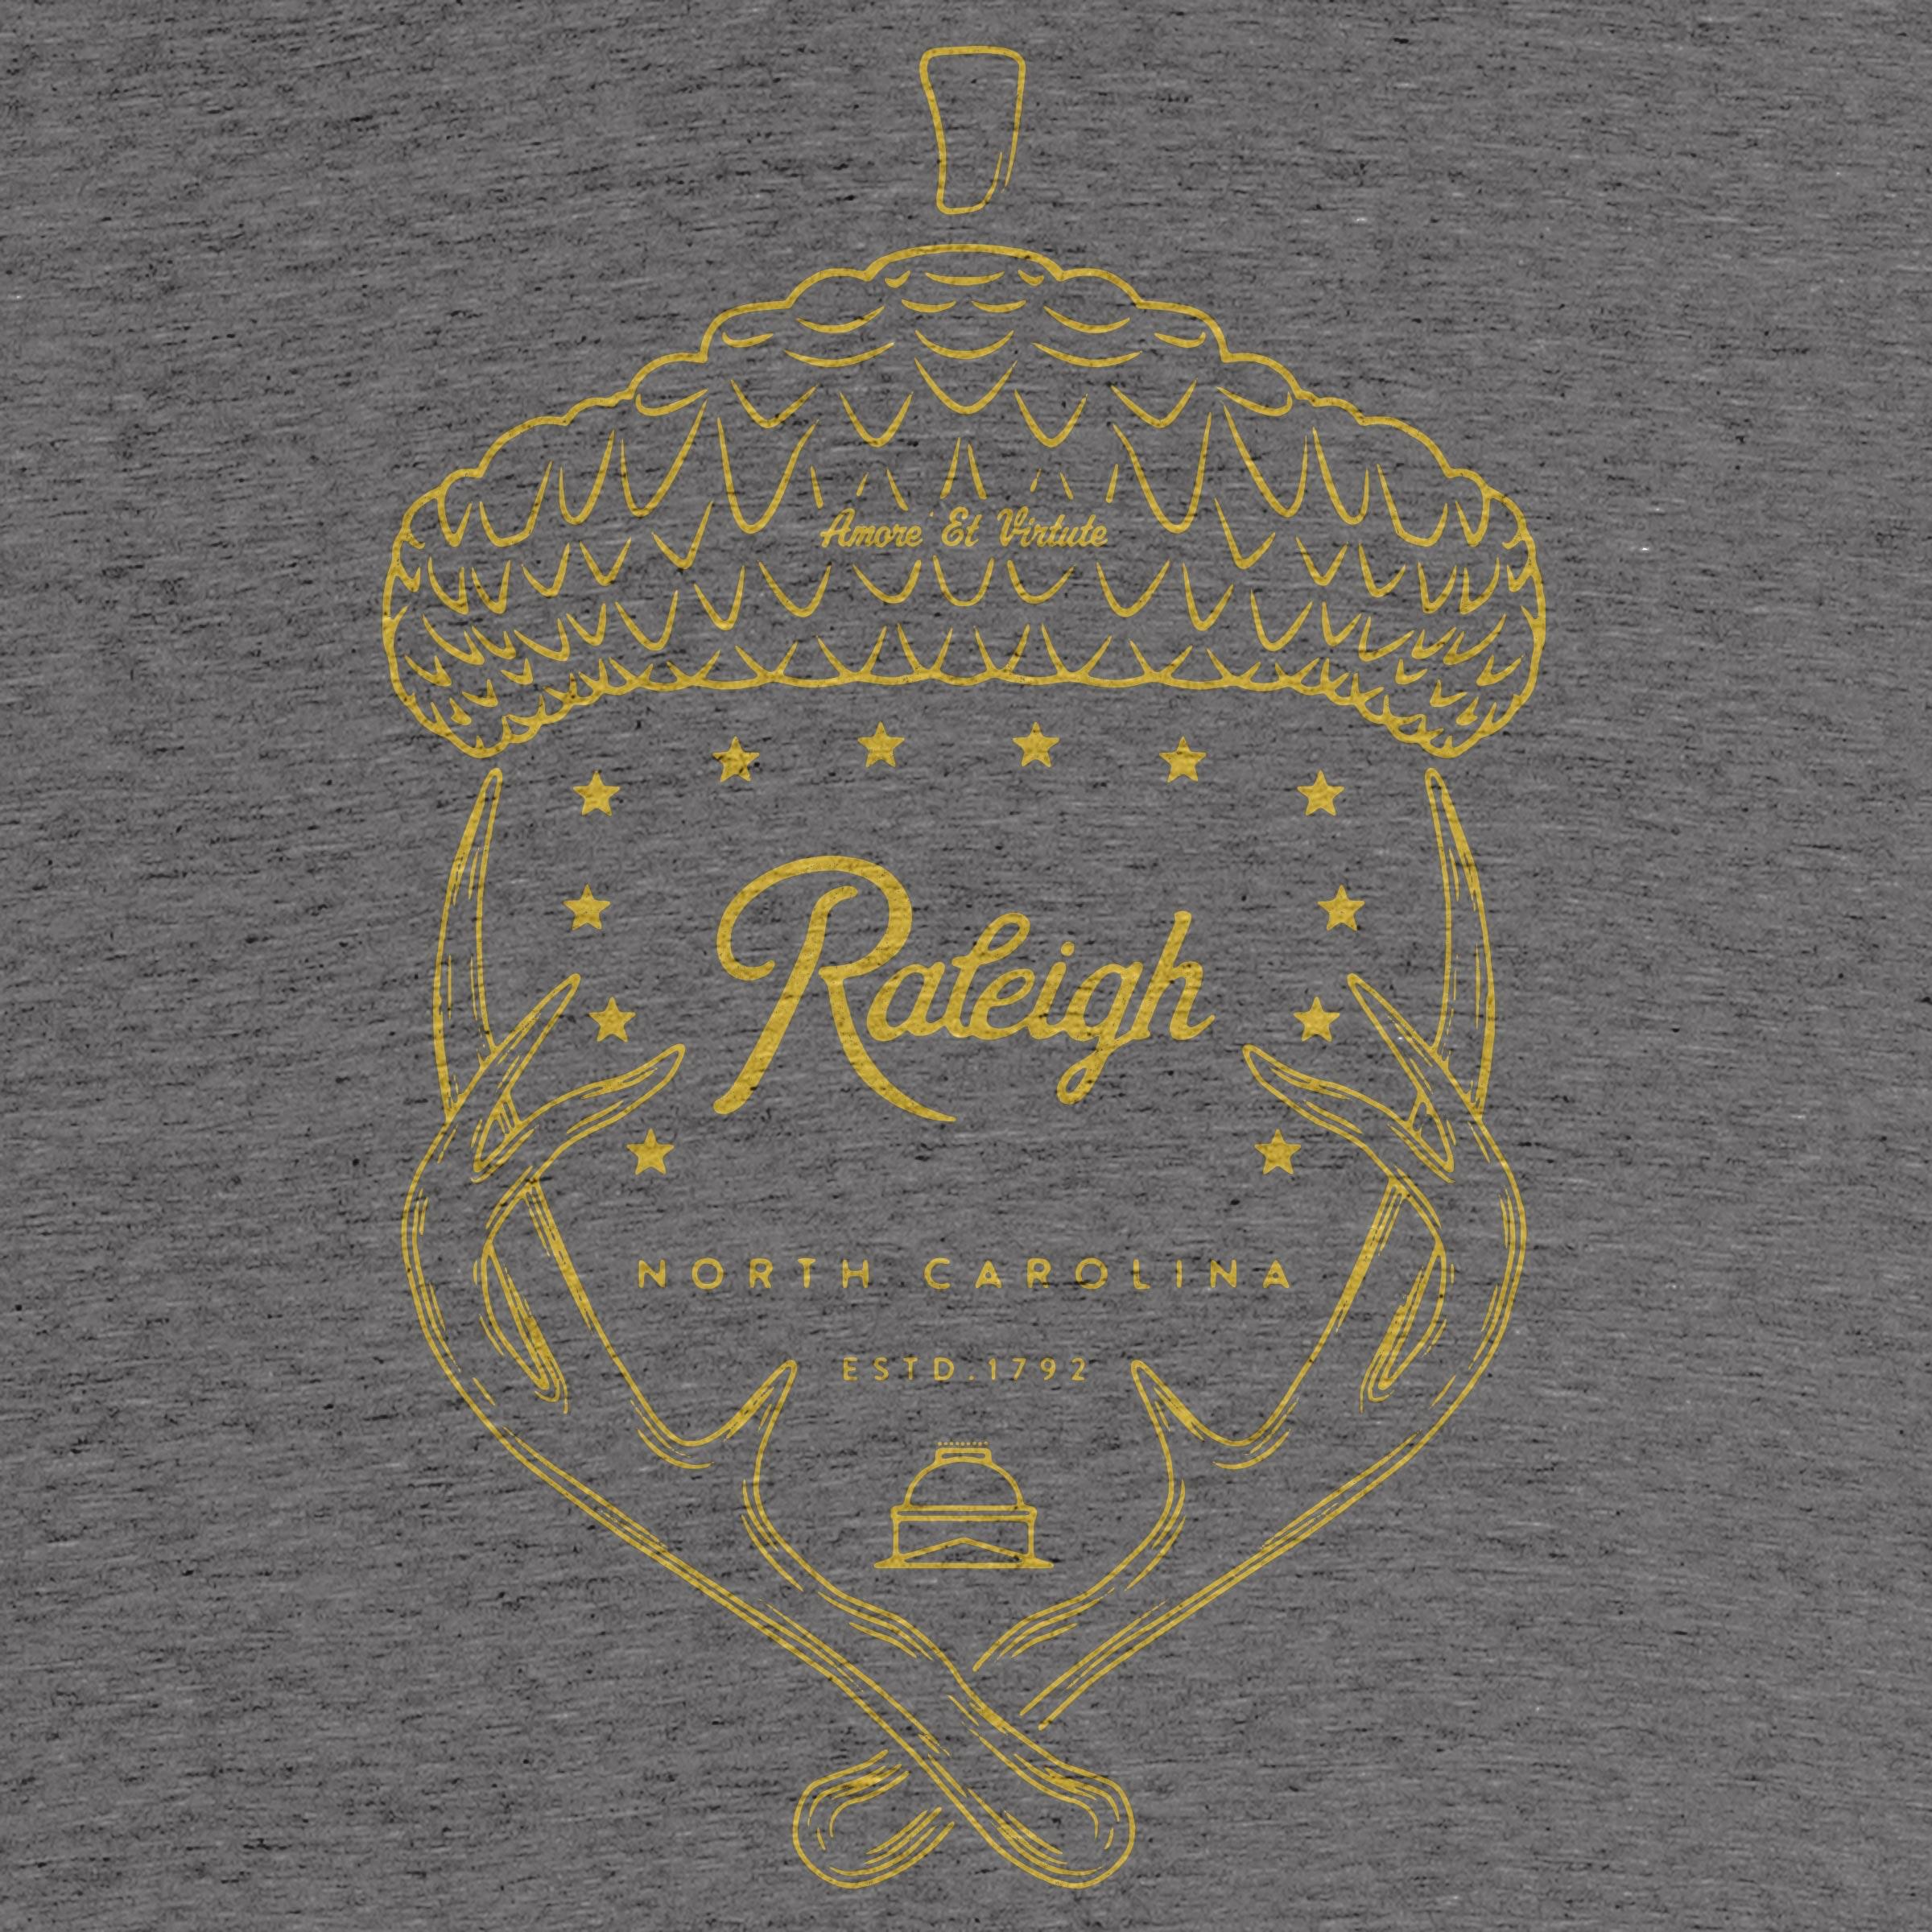 Raleigh, NC Acorntler Tee Detail